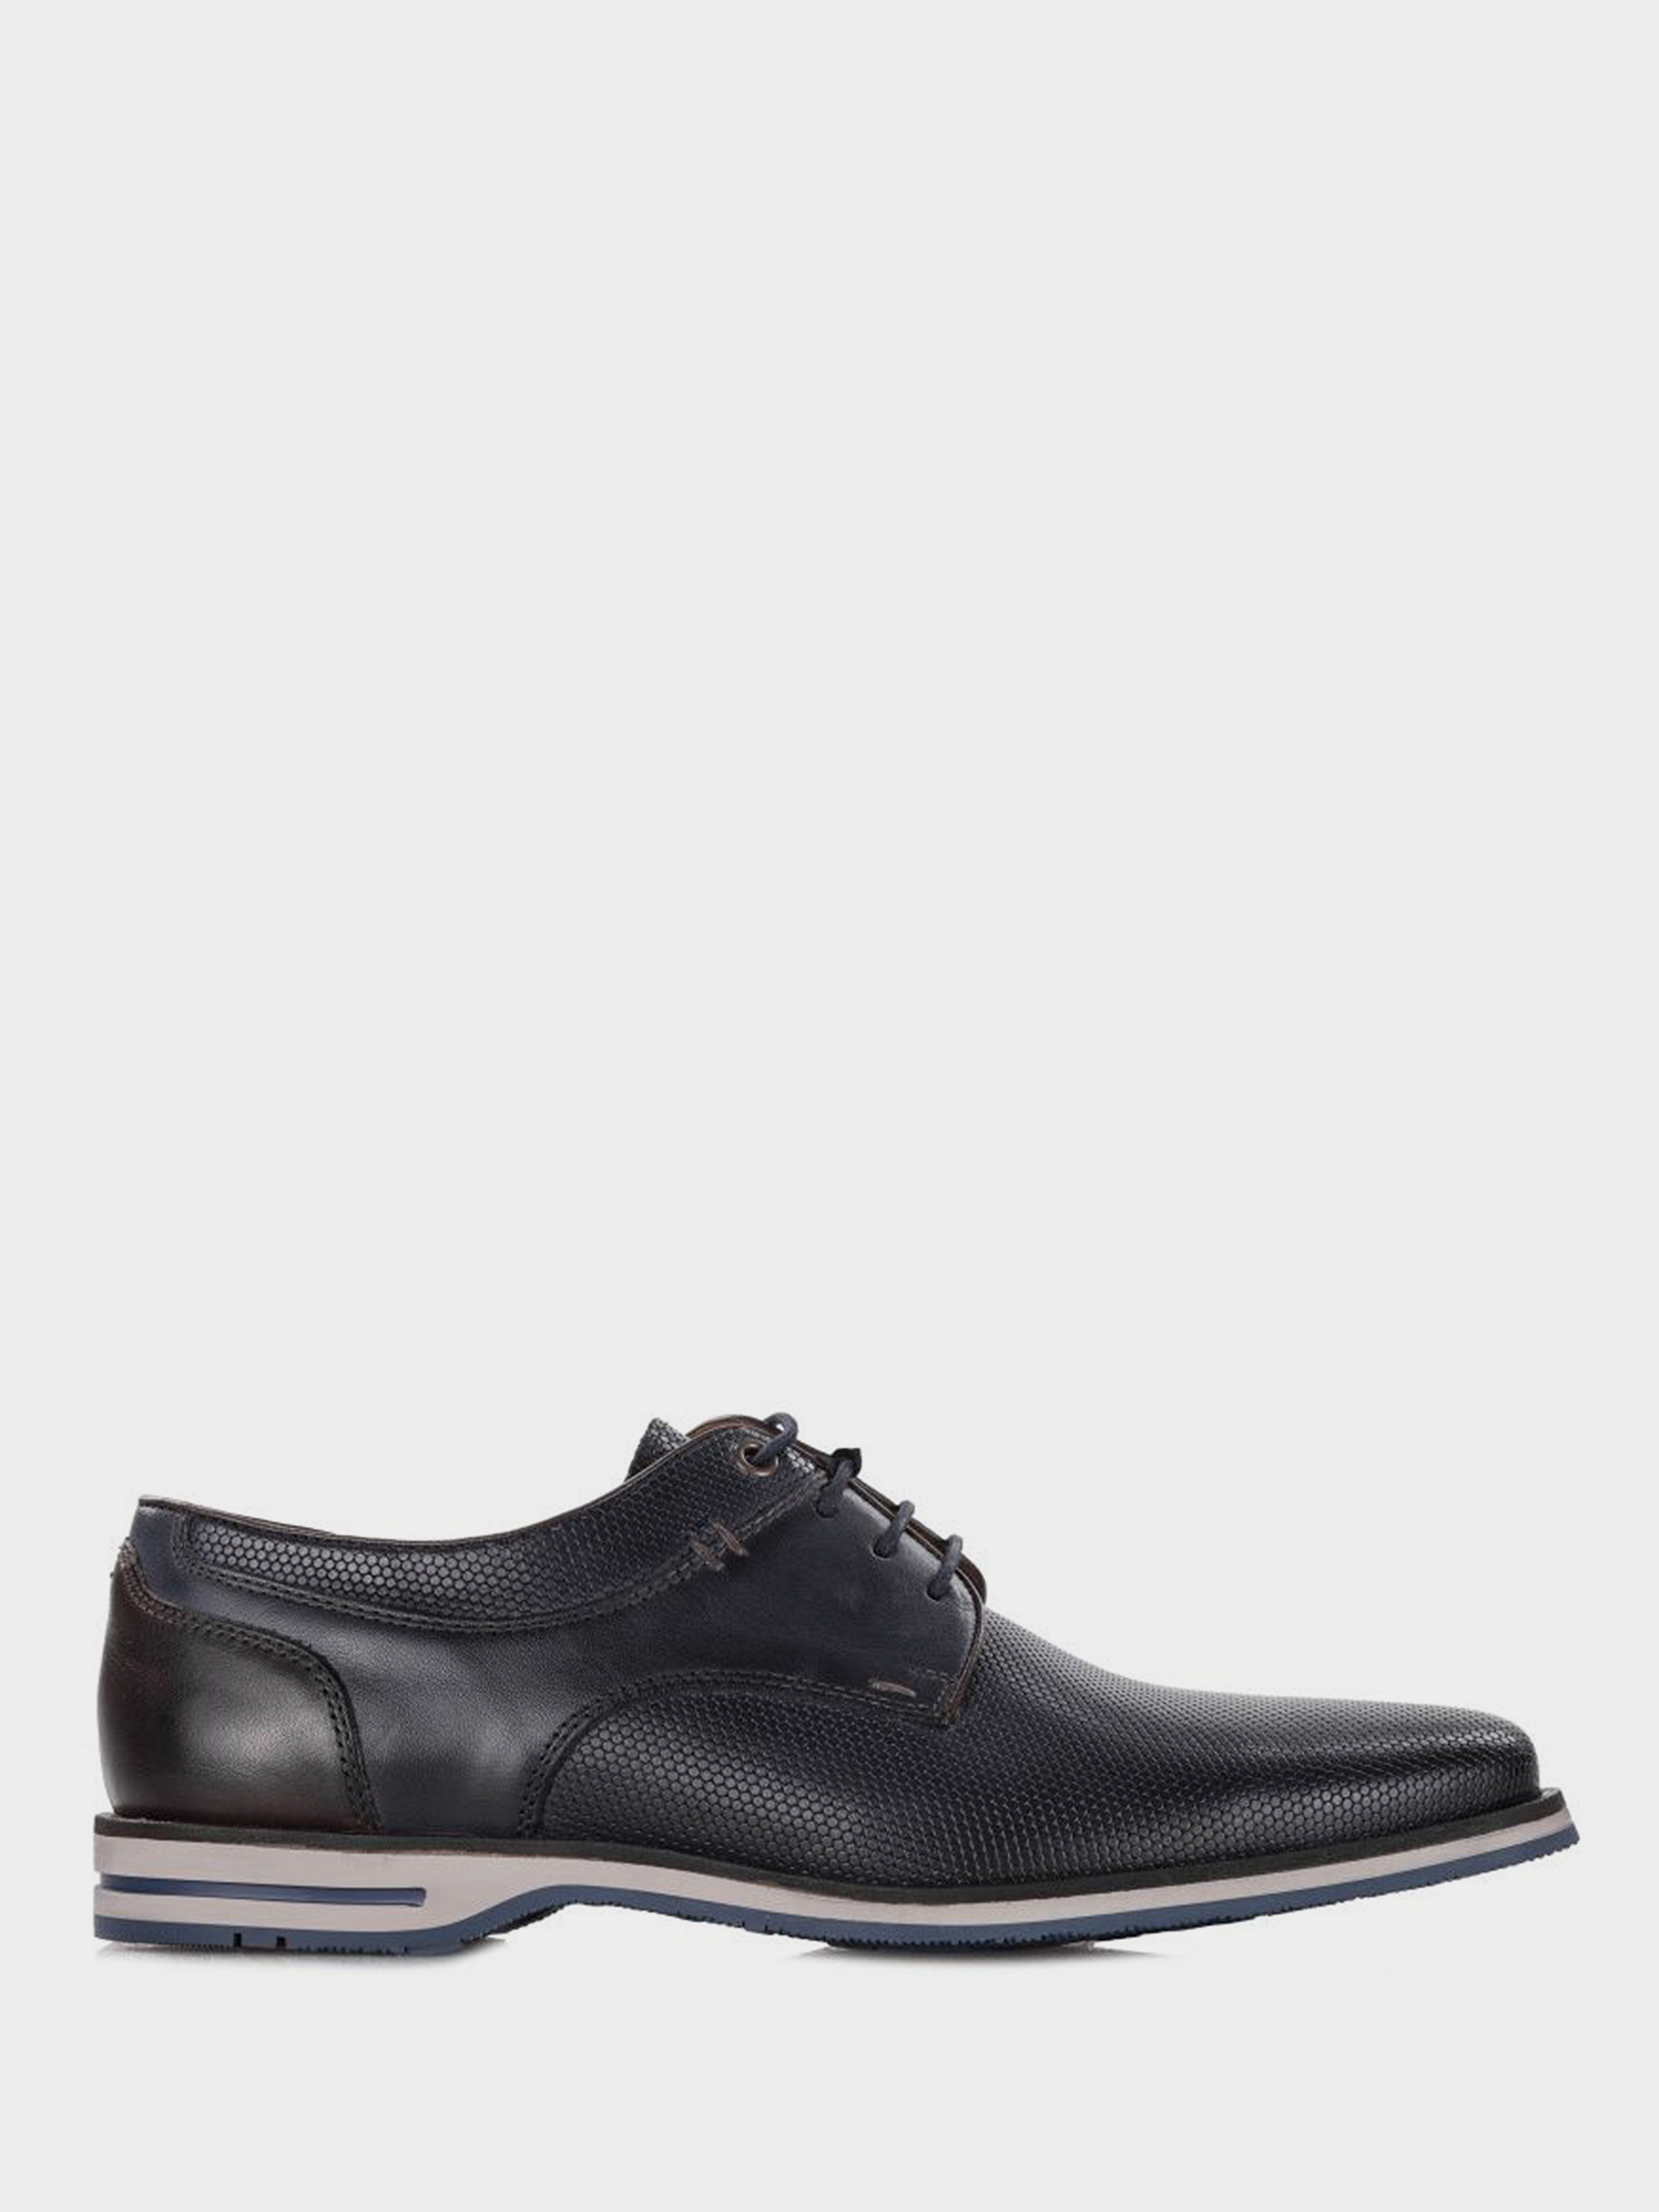 Туфли мужские Lloyd Diego UN1463 брендовые, 2017